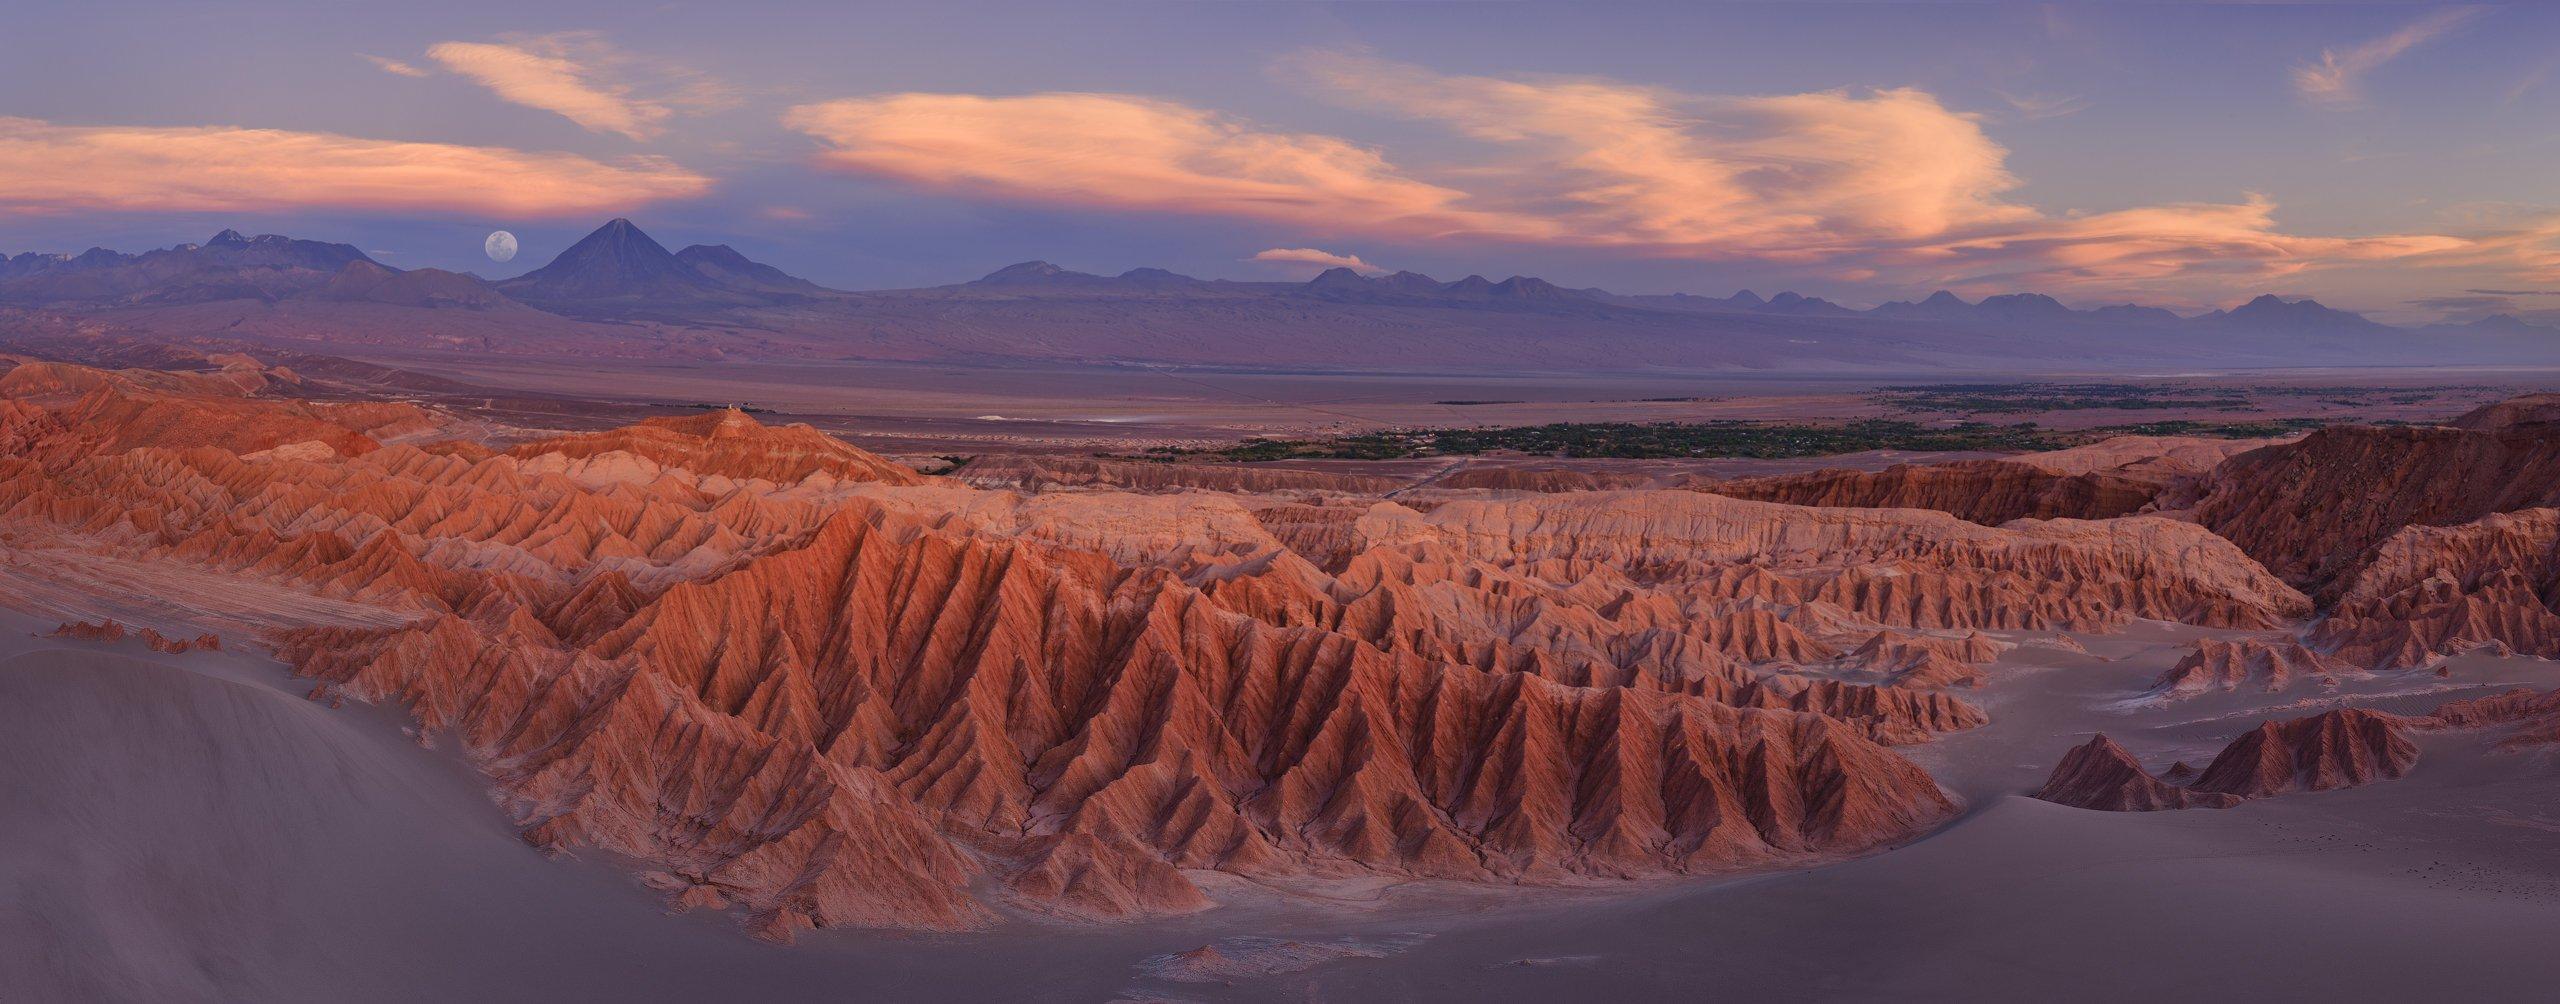 region de antofagasta, san pedro de atacama, scenery, valle de la muerte, valley of the death, view from above, volcano, worldпхотоtravels, arid, aridity, atacama,  badlands, barren, chain, chile, cordillera de la sal, country, death, death valley, desert, Майк Рейфман